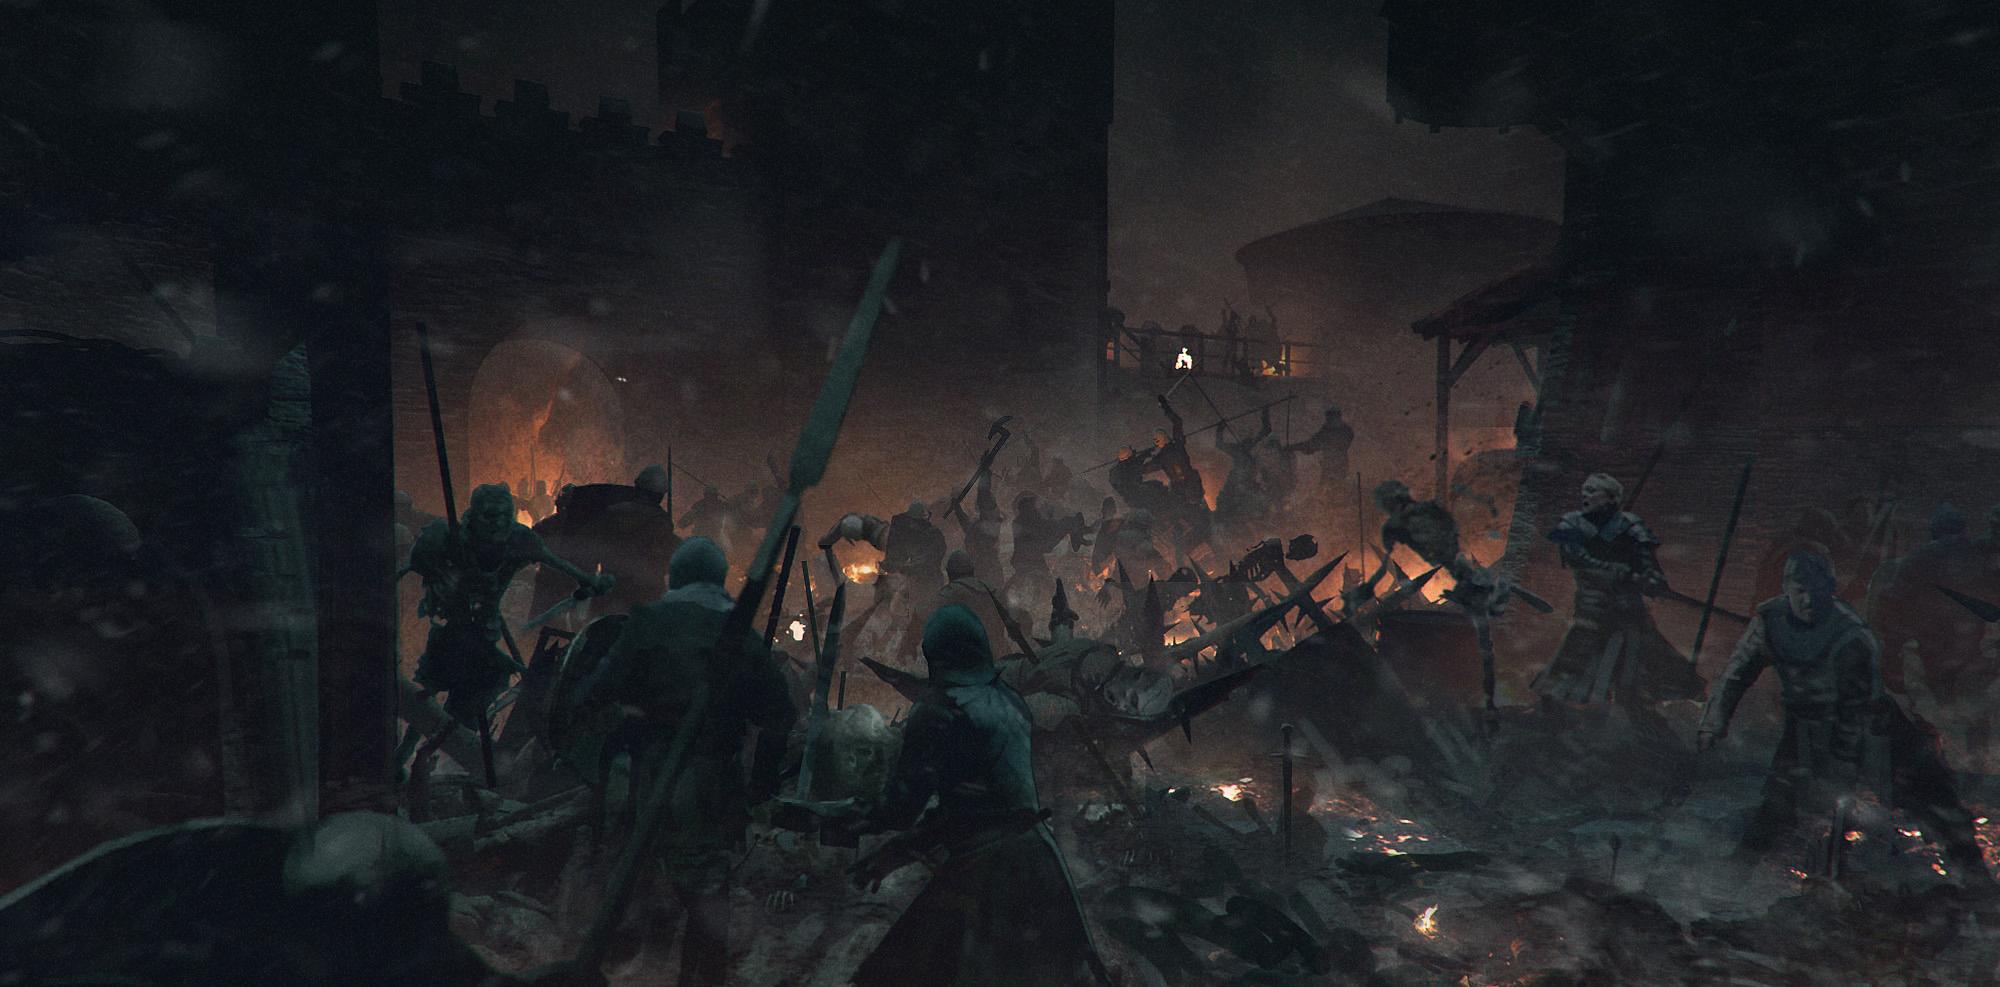 GOT8_Winterfell_North_Courtyard_Battle_B_skt_005b_website copy.jpg